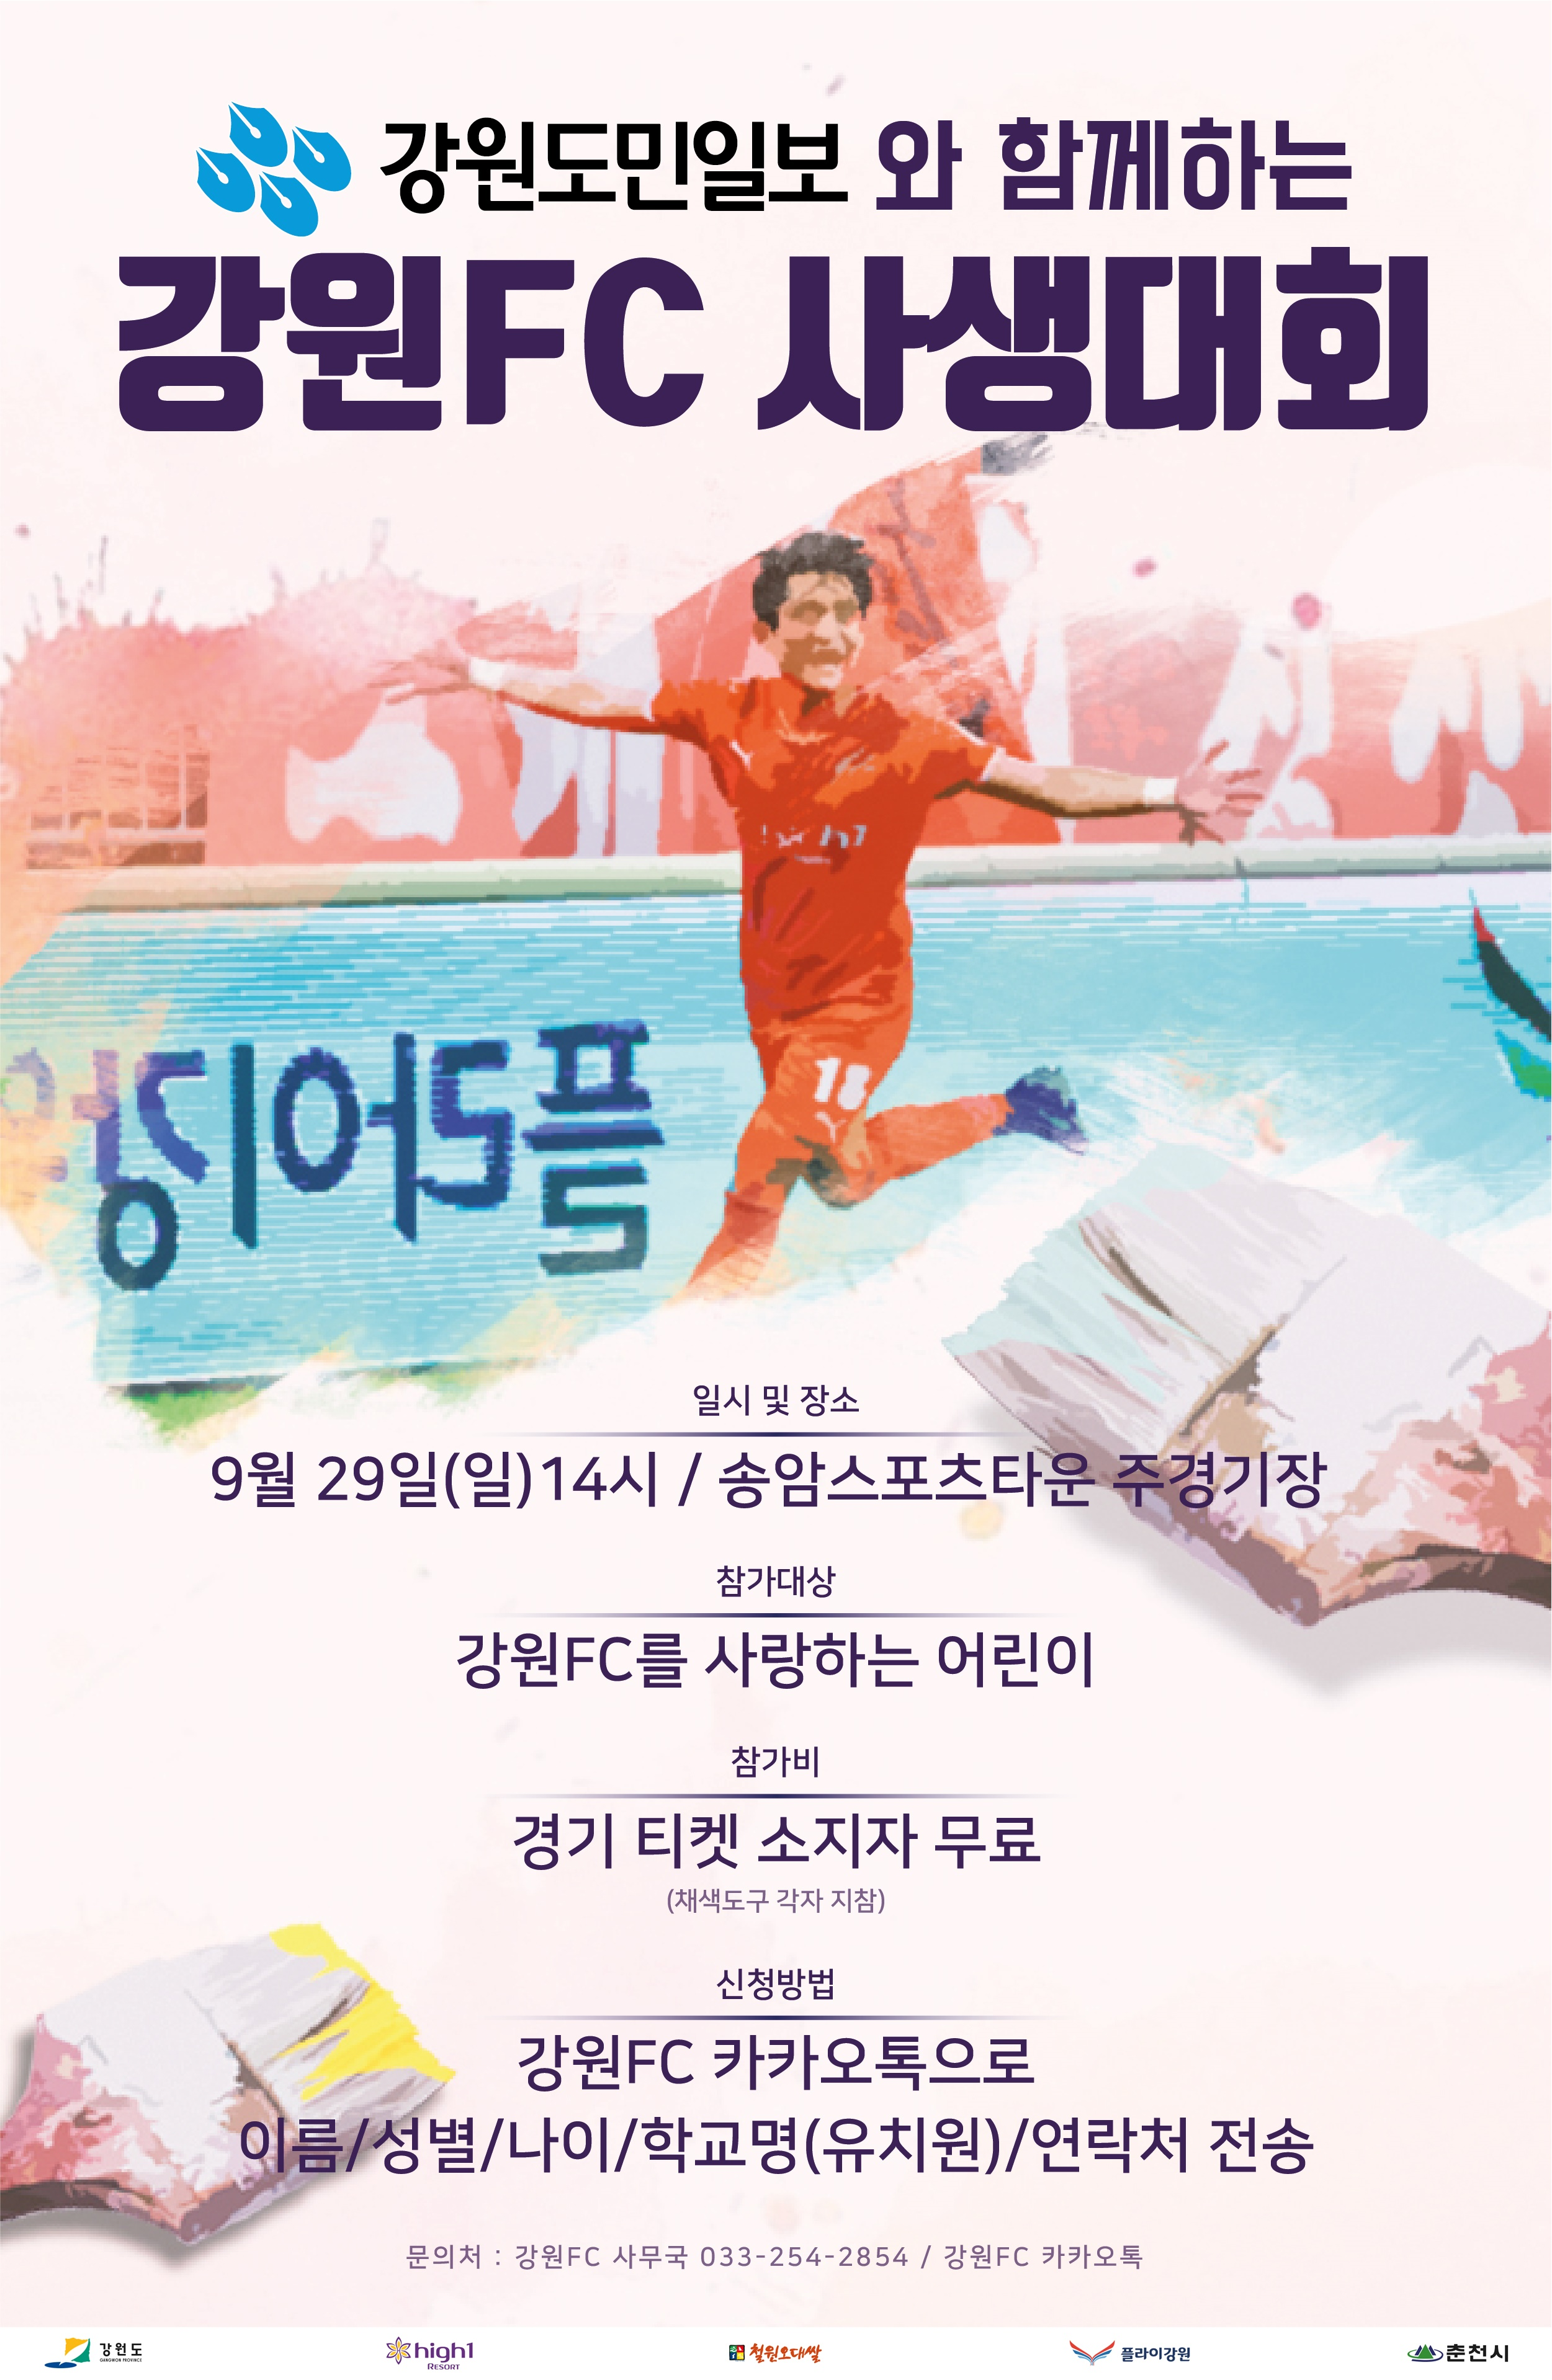 강원FC, 29일 홈경기 어린이 사생대회로 가을 정취 더한다